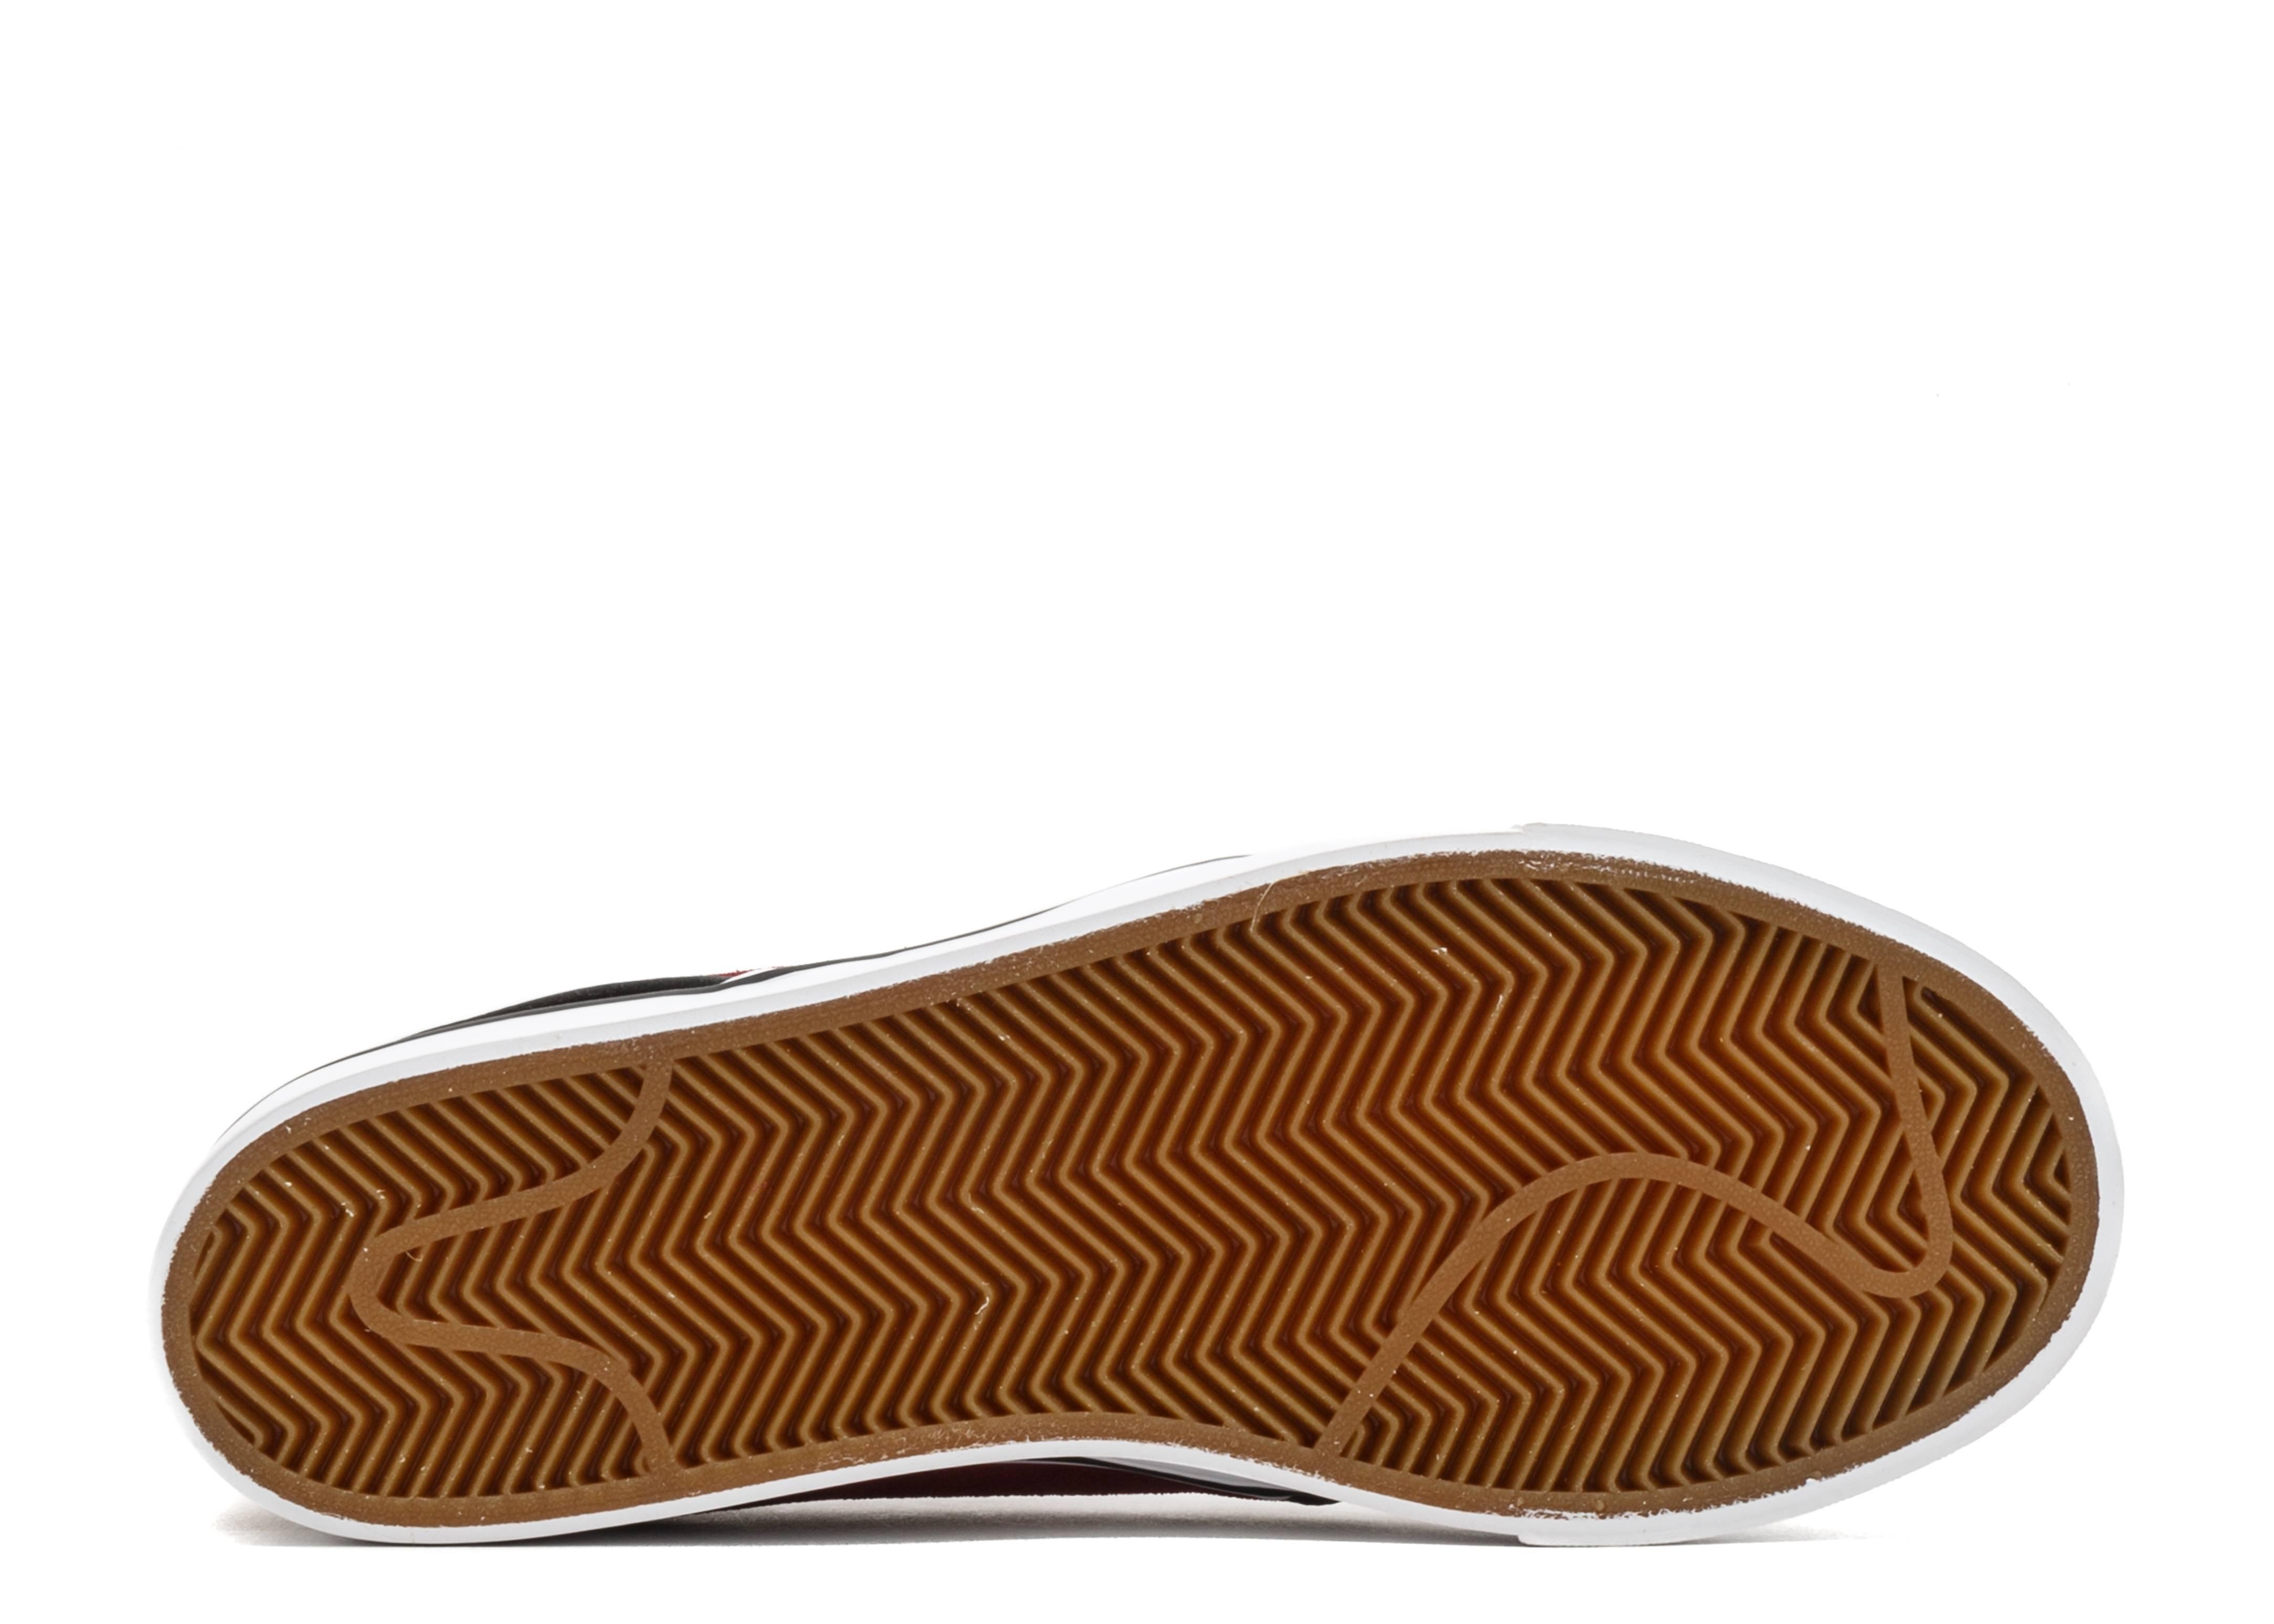 b8031641d8e Zoom Stefan Janoski OG - Nike - 833603 610 - red earth white black ...